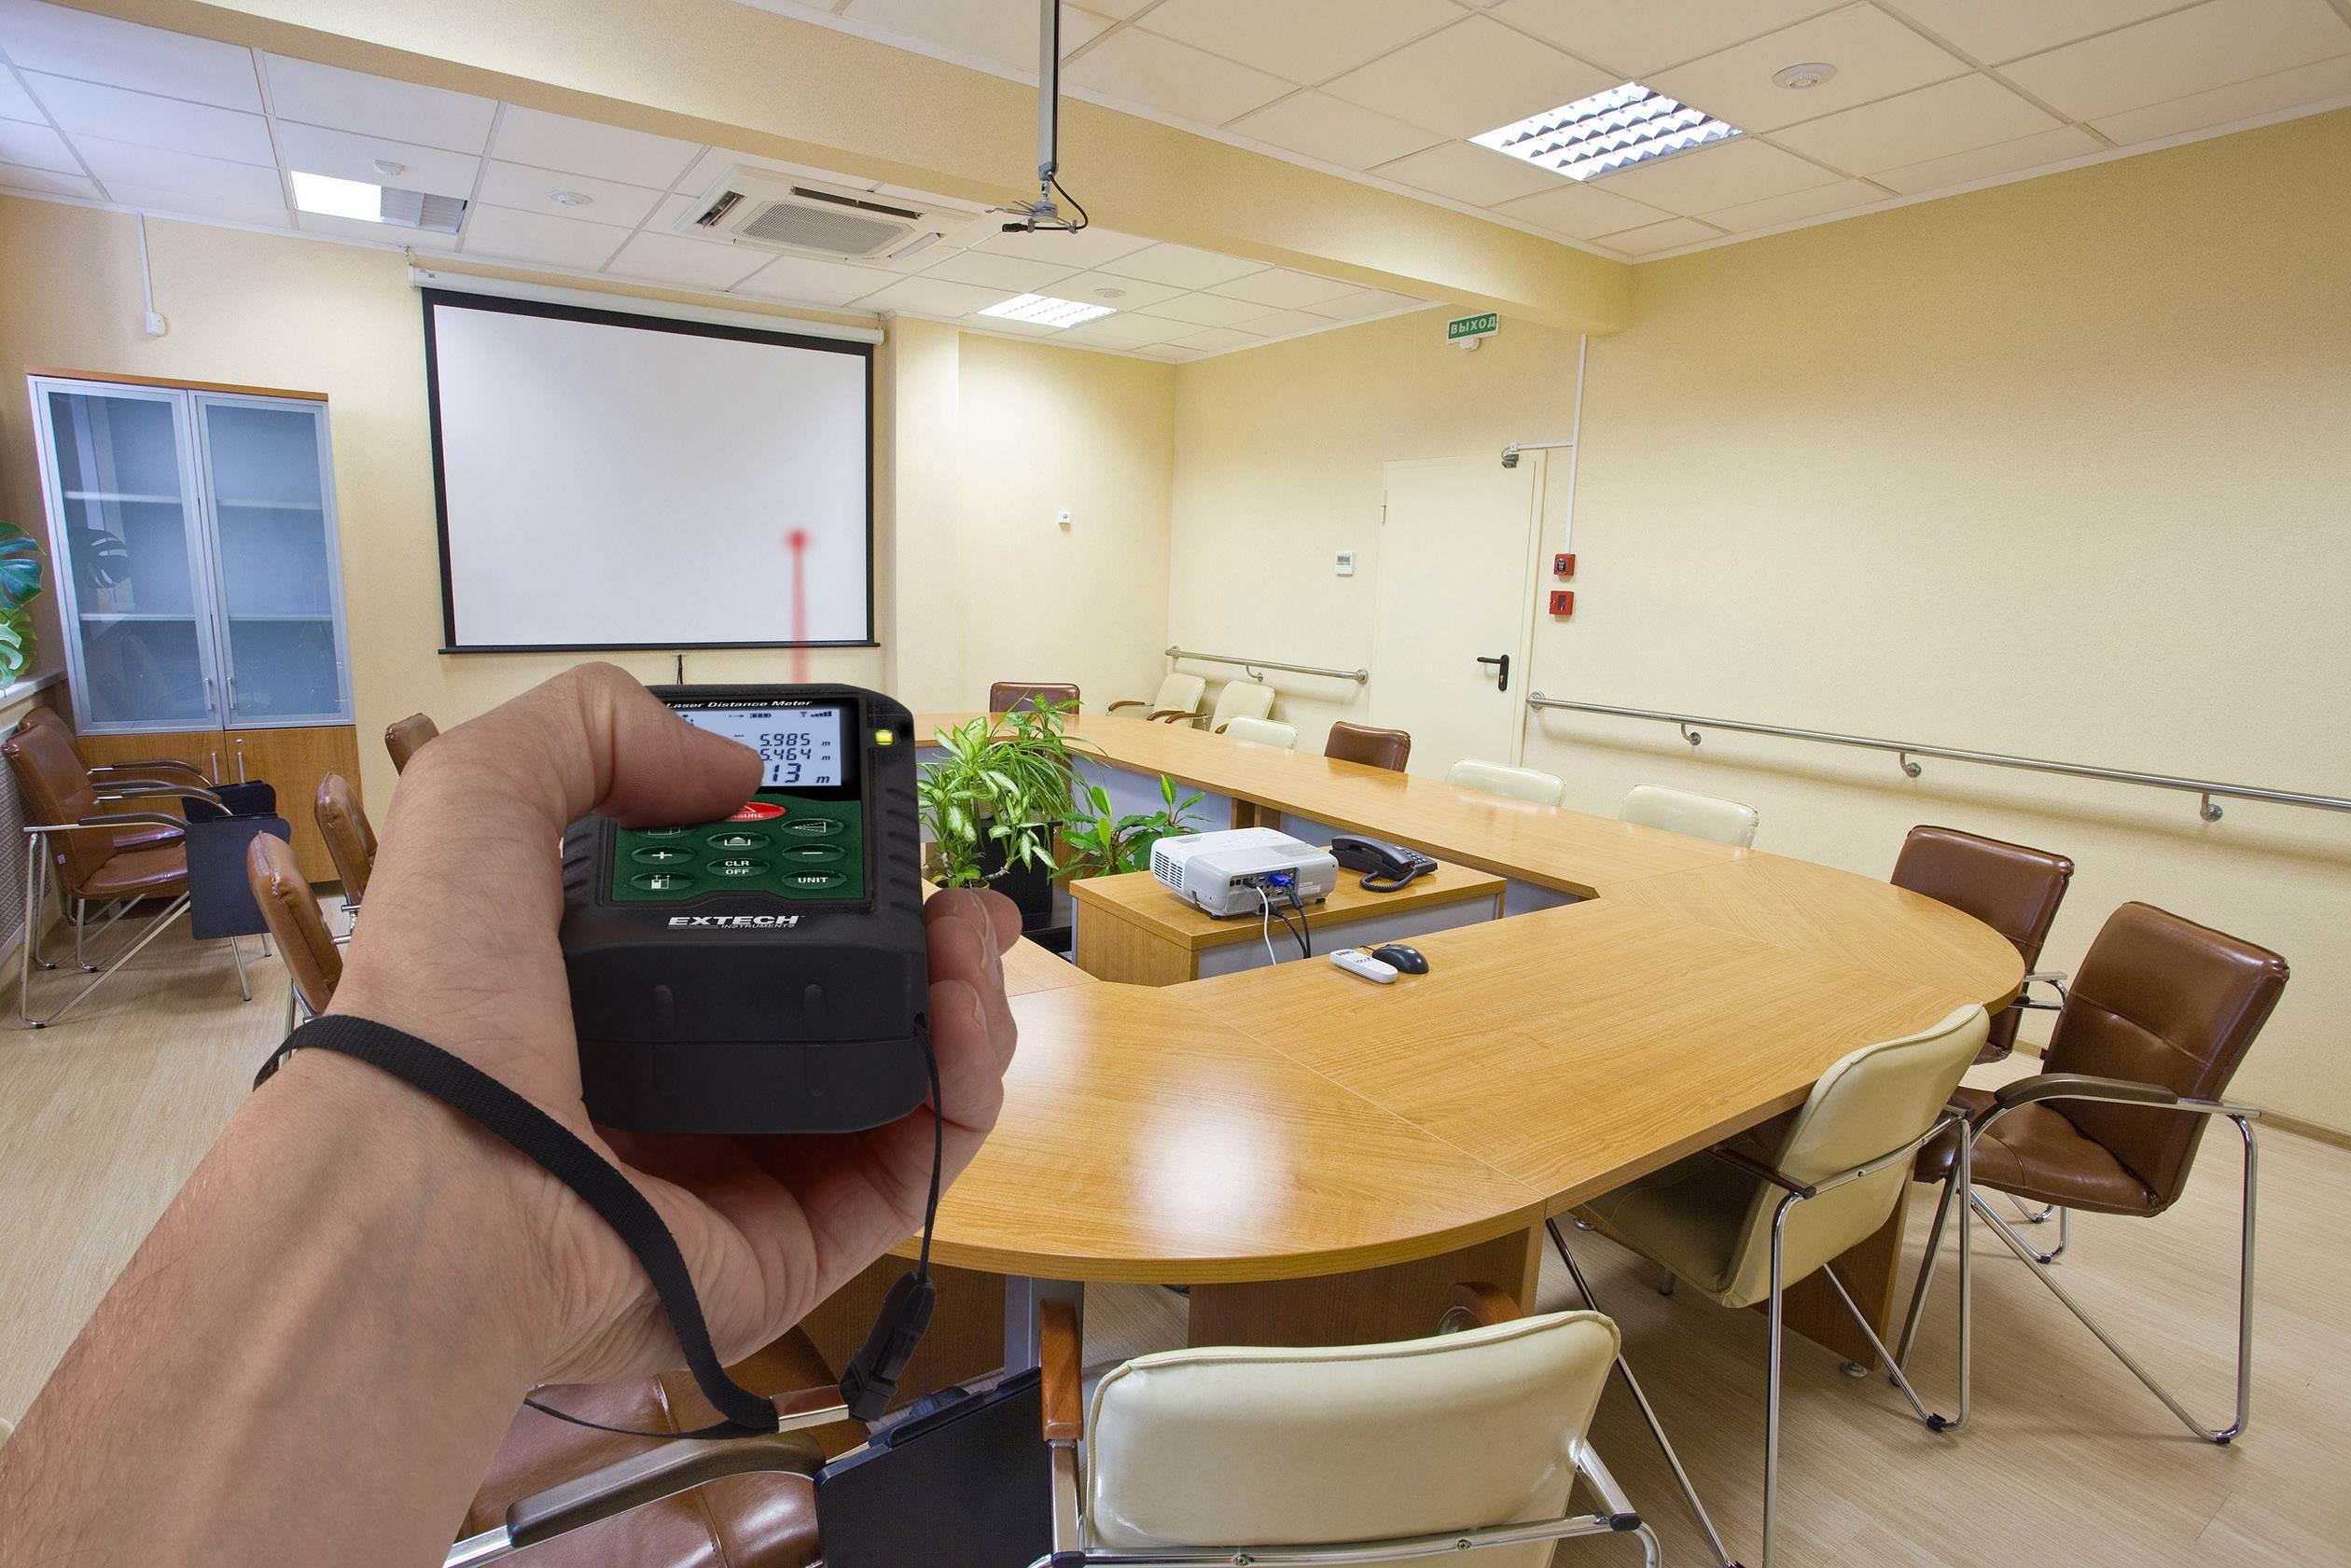 Entfernungsmesser Ridgid Lm 100 : Extech dt m laser entfernungsmesser messbereich max